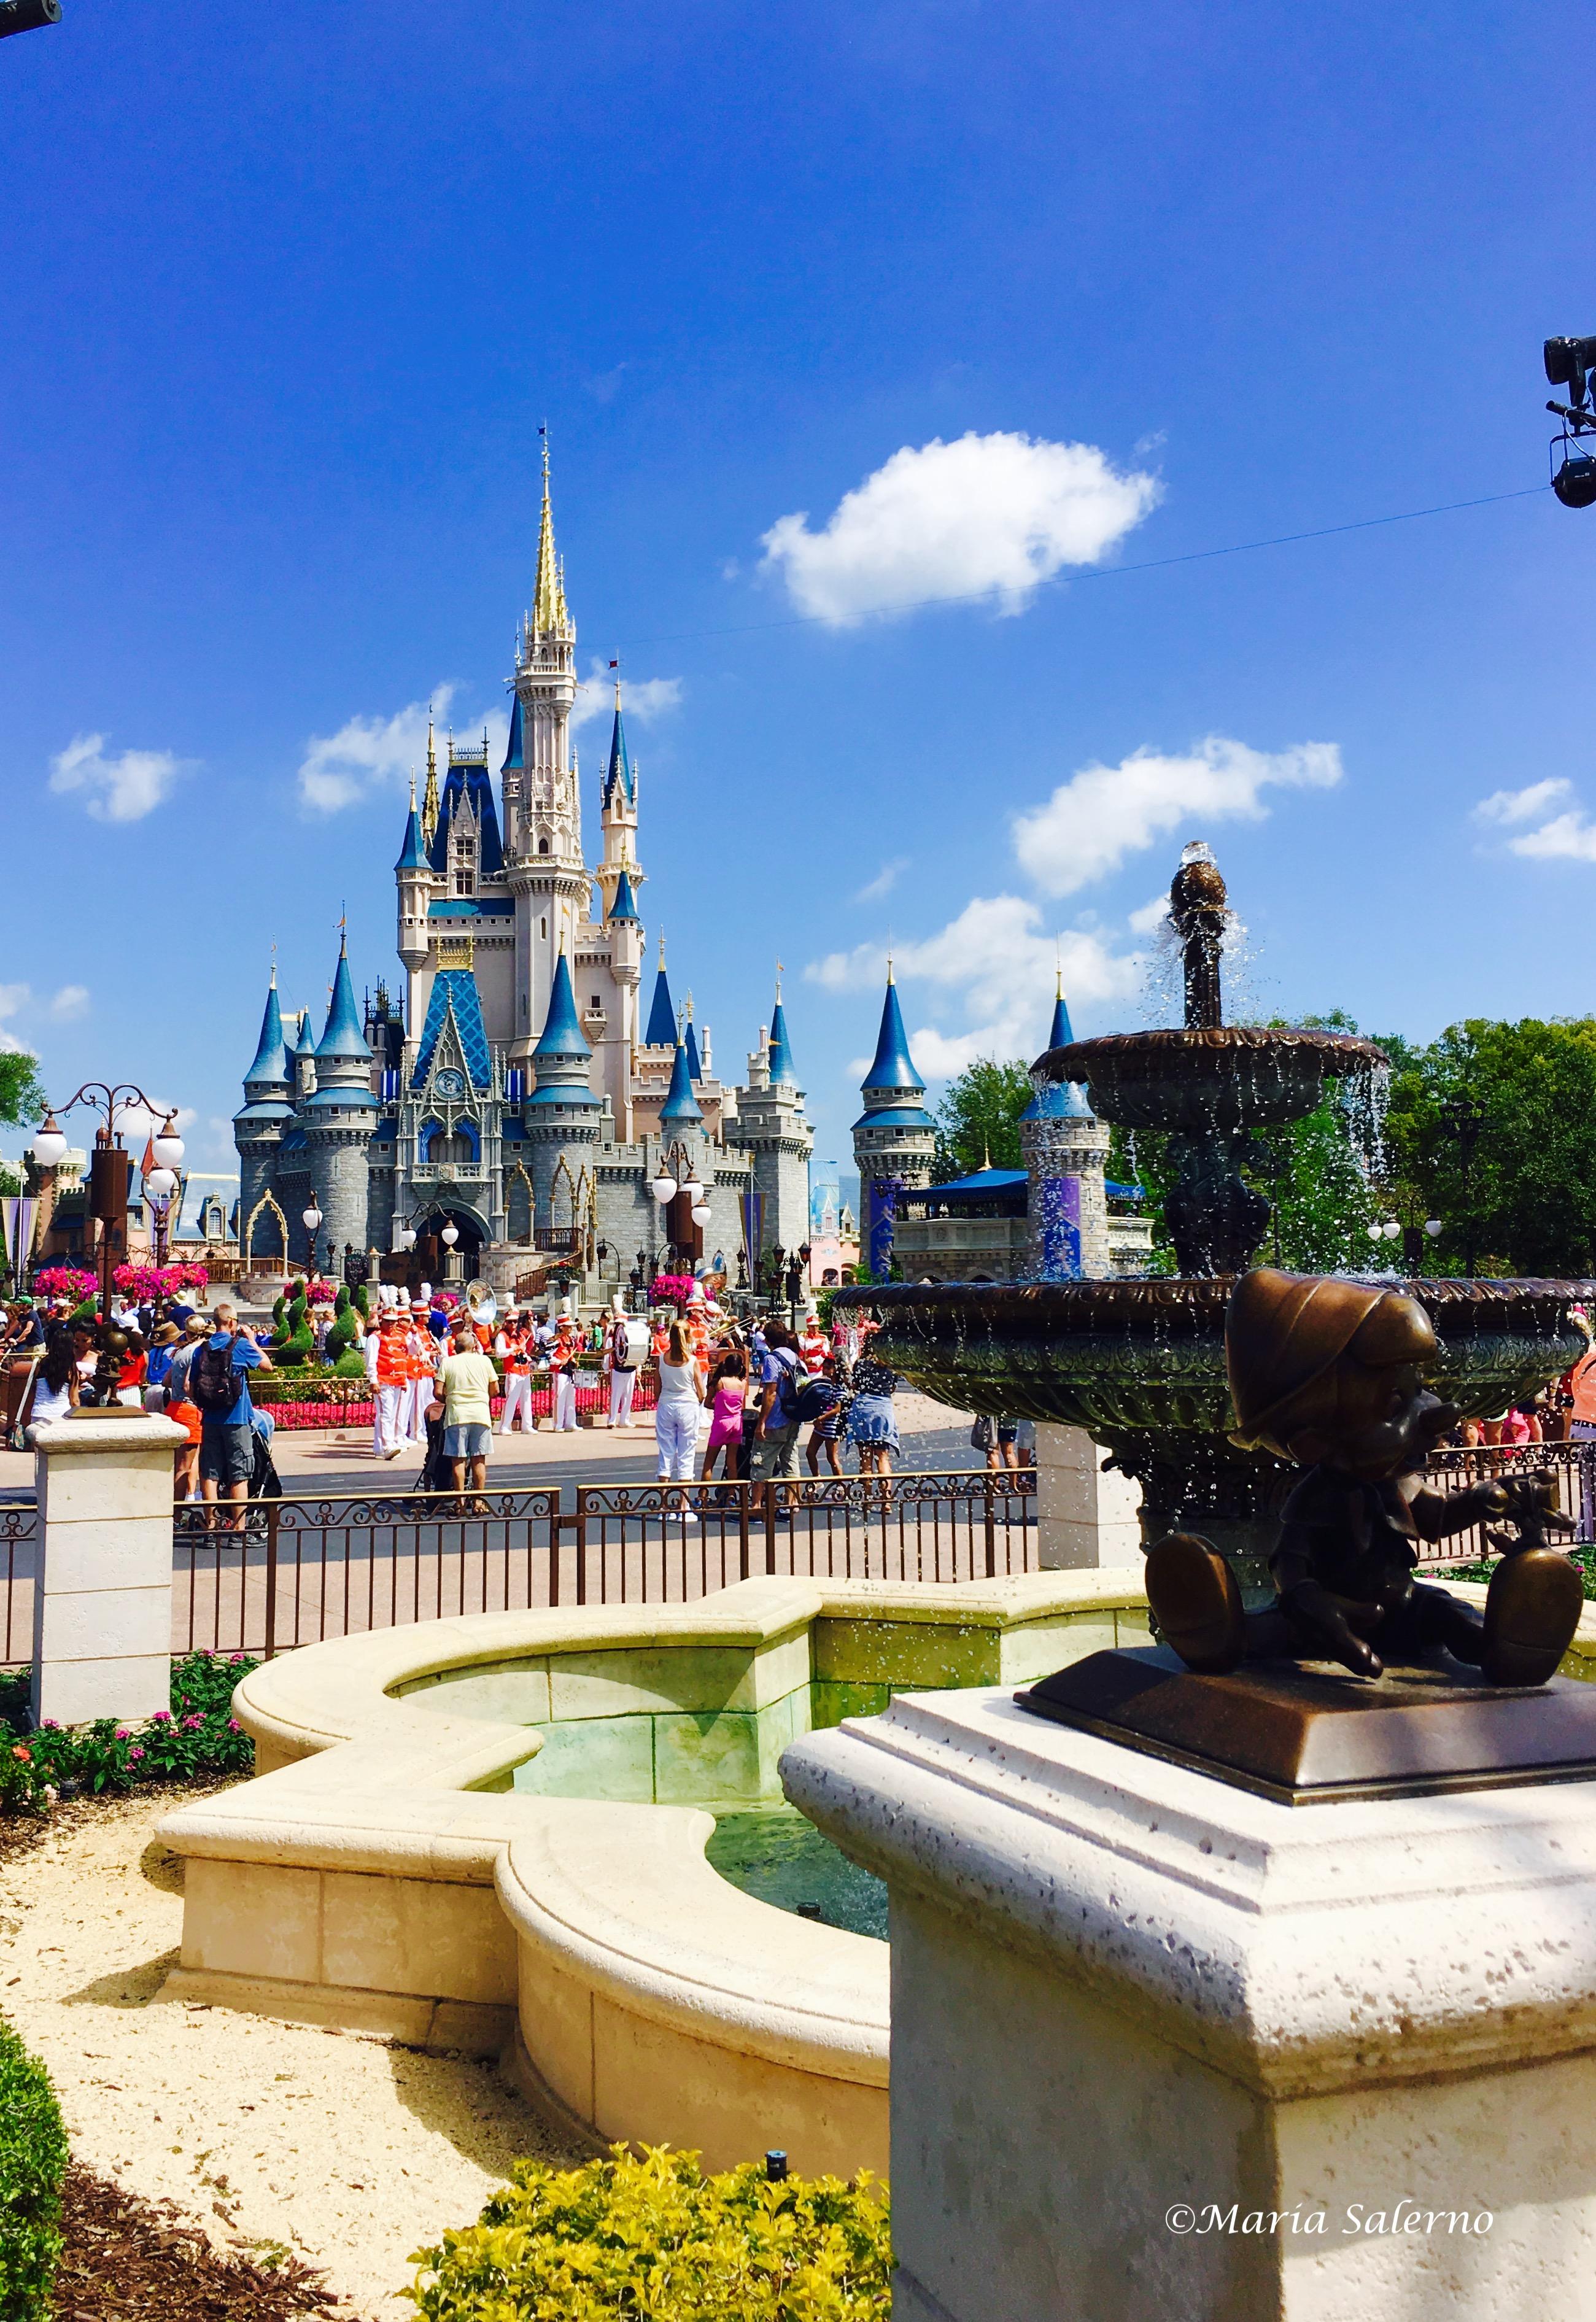 Disney castle tour